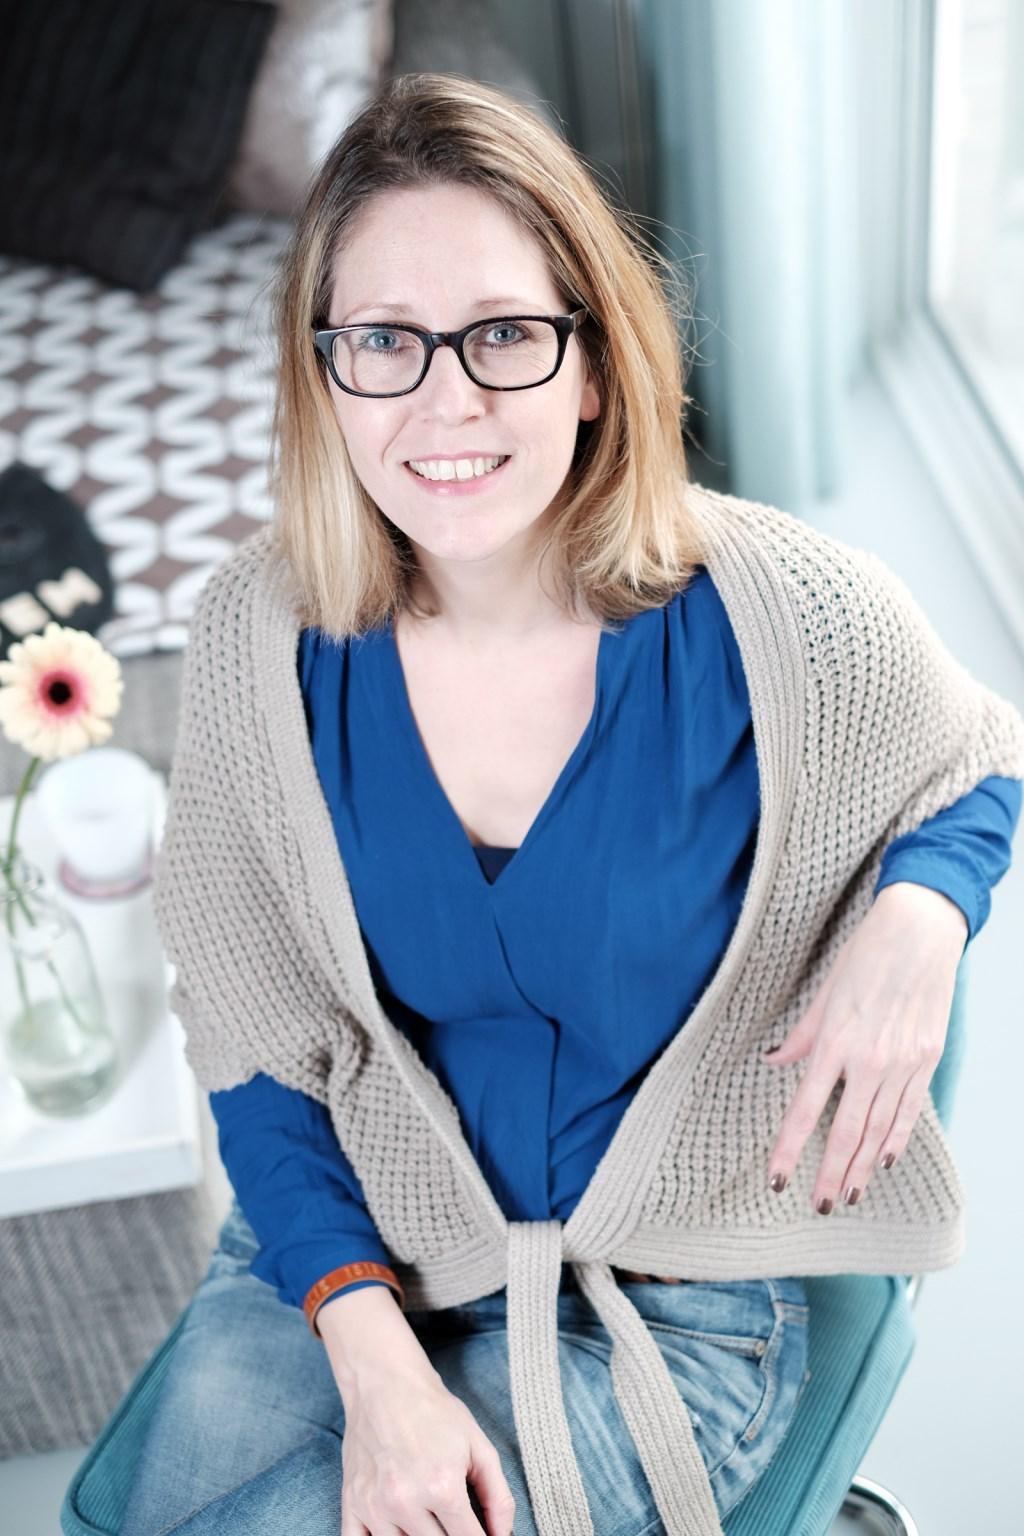 """Ademcoach Yvette van den Akker helpt mensen op adem te komen. """"Bij langdurige stress kunnen er klachten ontstaan. Door op een juiste manier te ademen, kom je weer in contact met jezelf."""""""